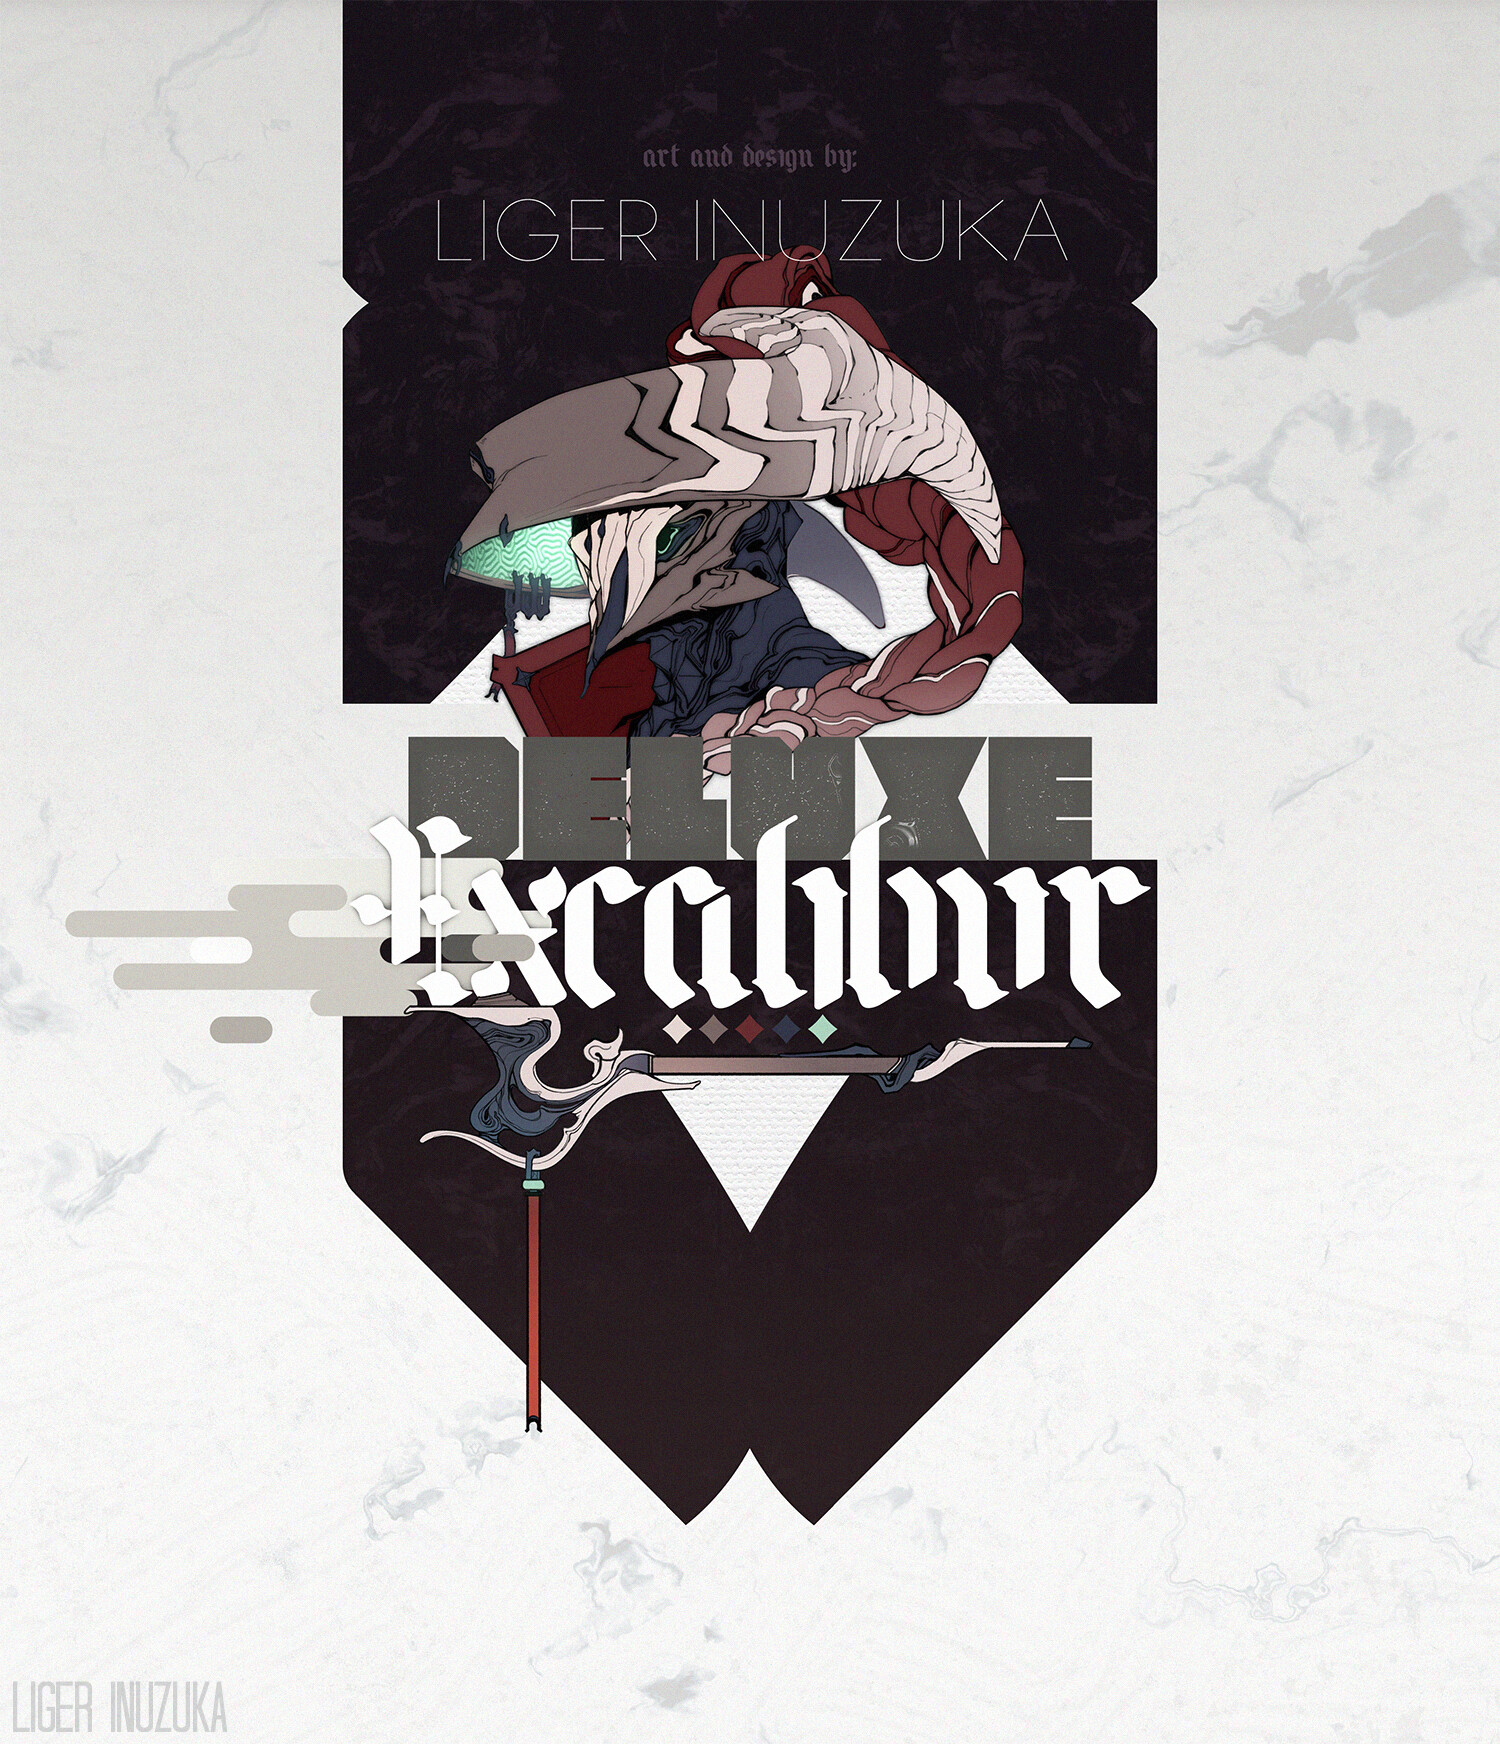 Liger inuzuka excalibur logo design